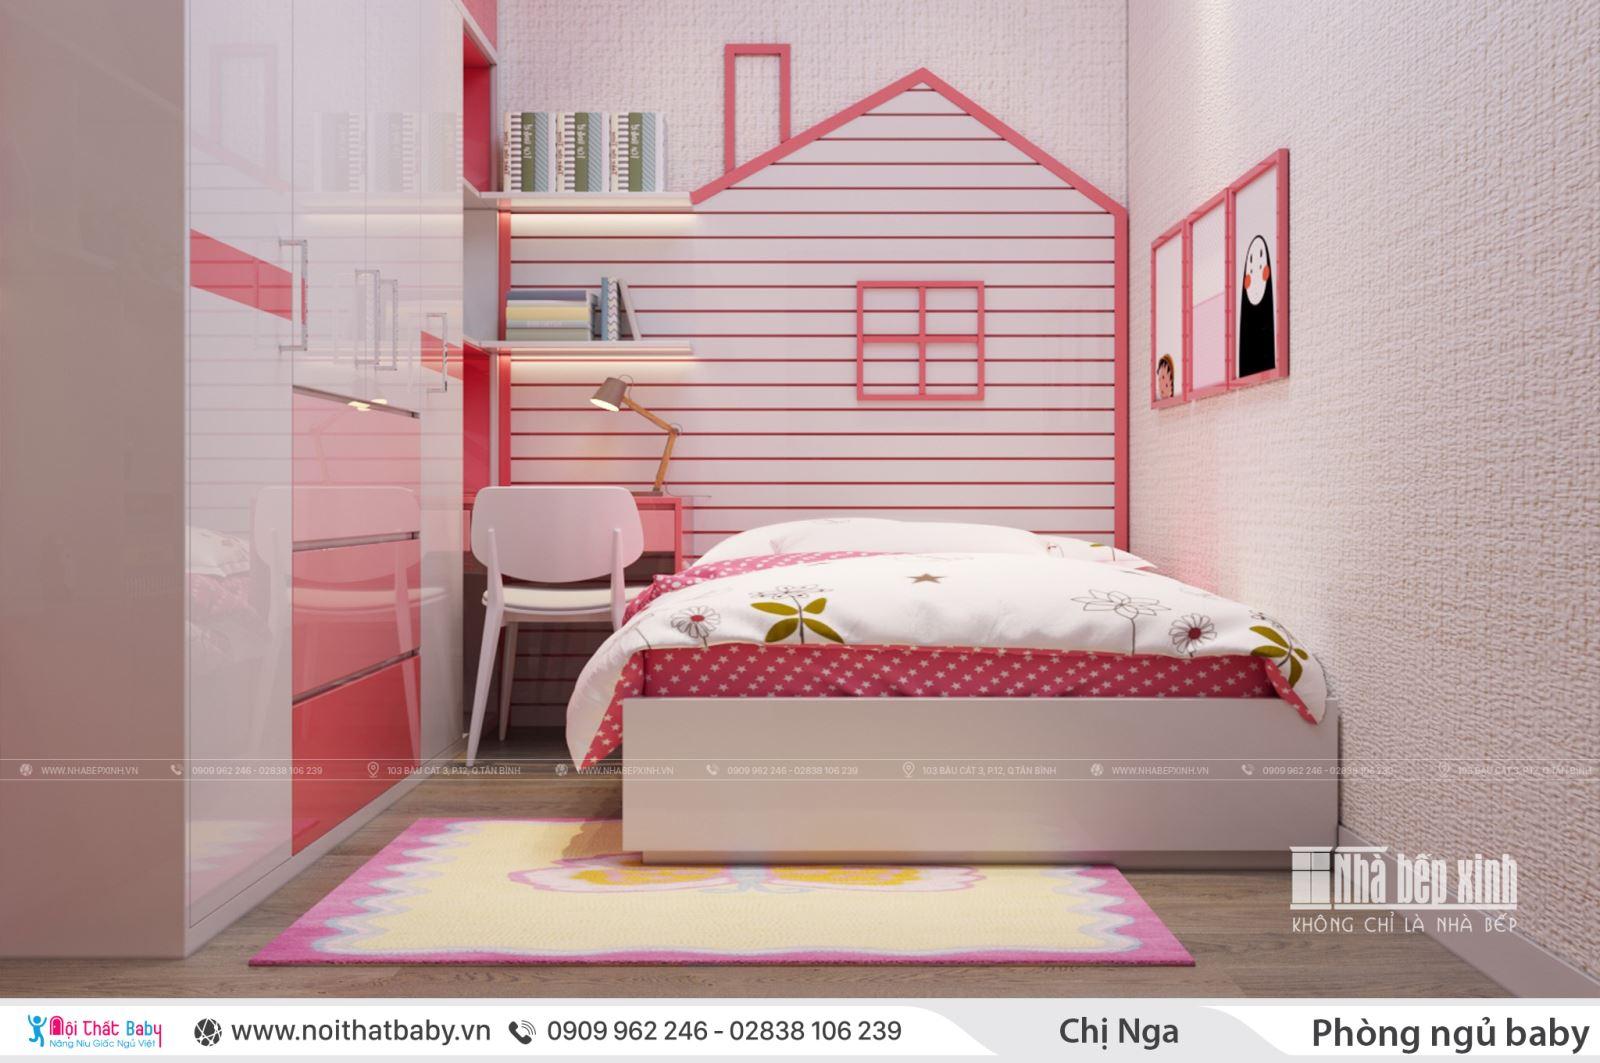 Thiết kế phòng ngủ cho bé tông màu hồng baby dễ thương